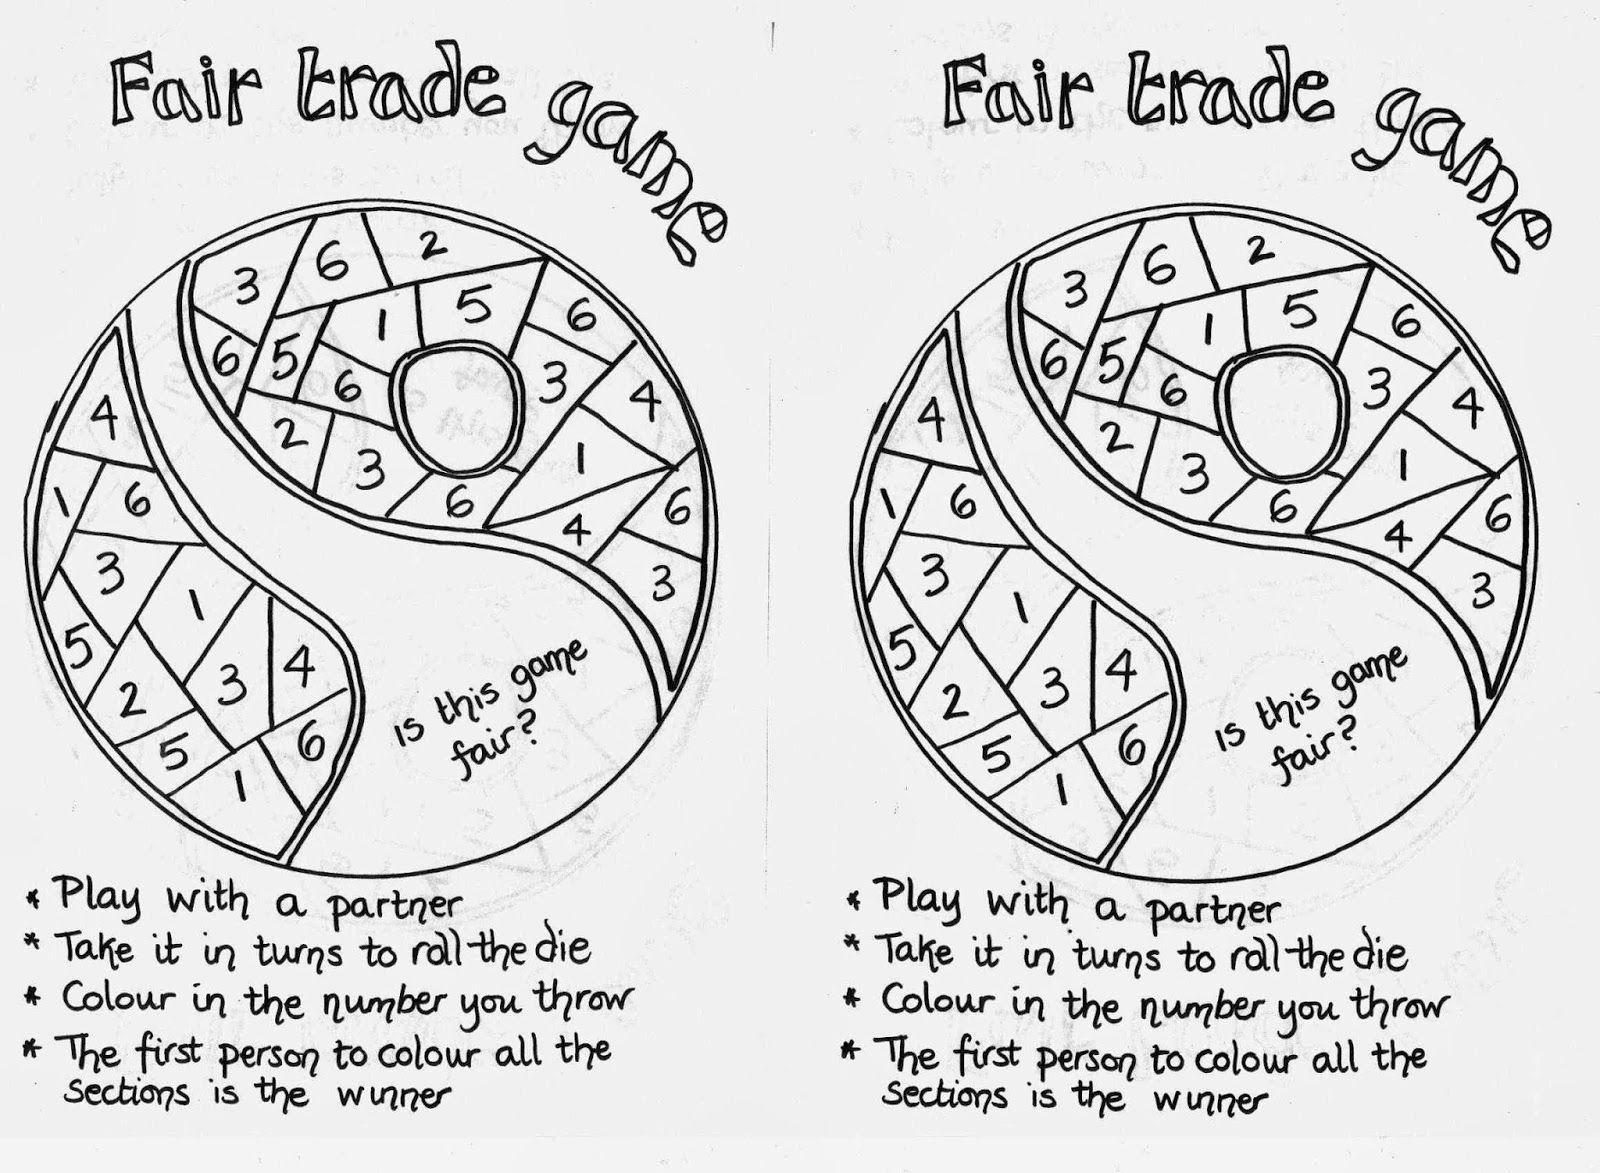 Fair Trade Game